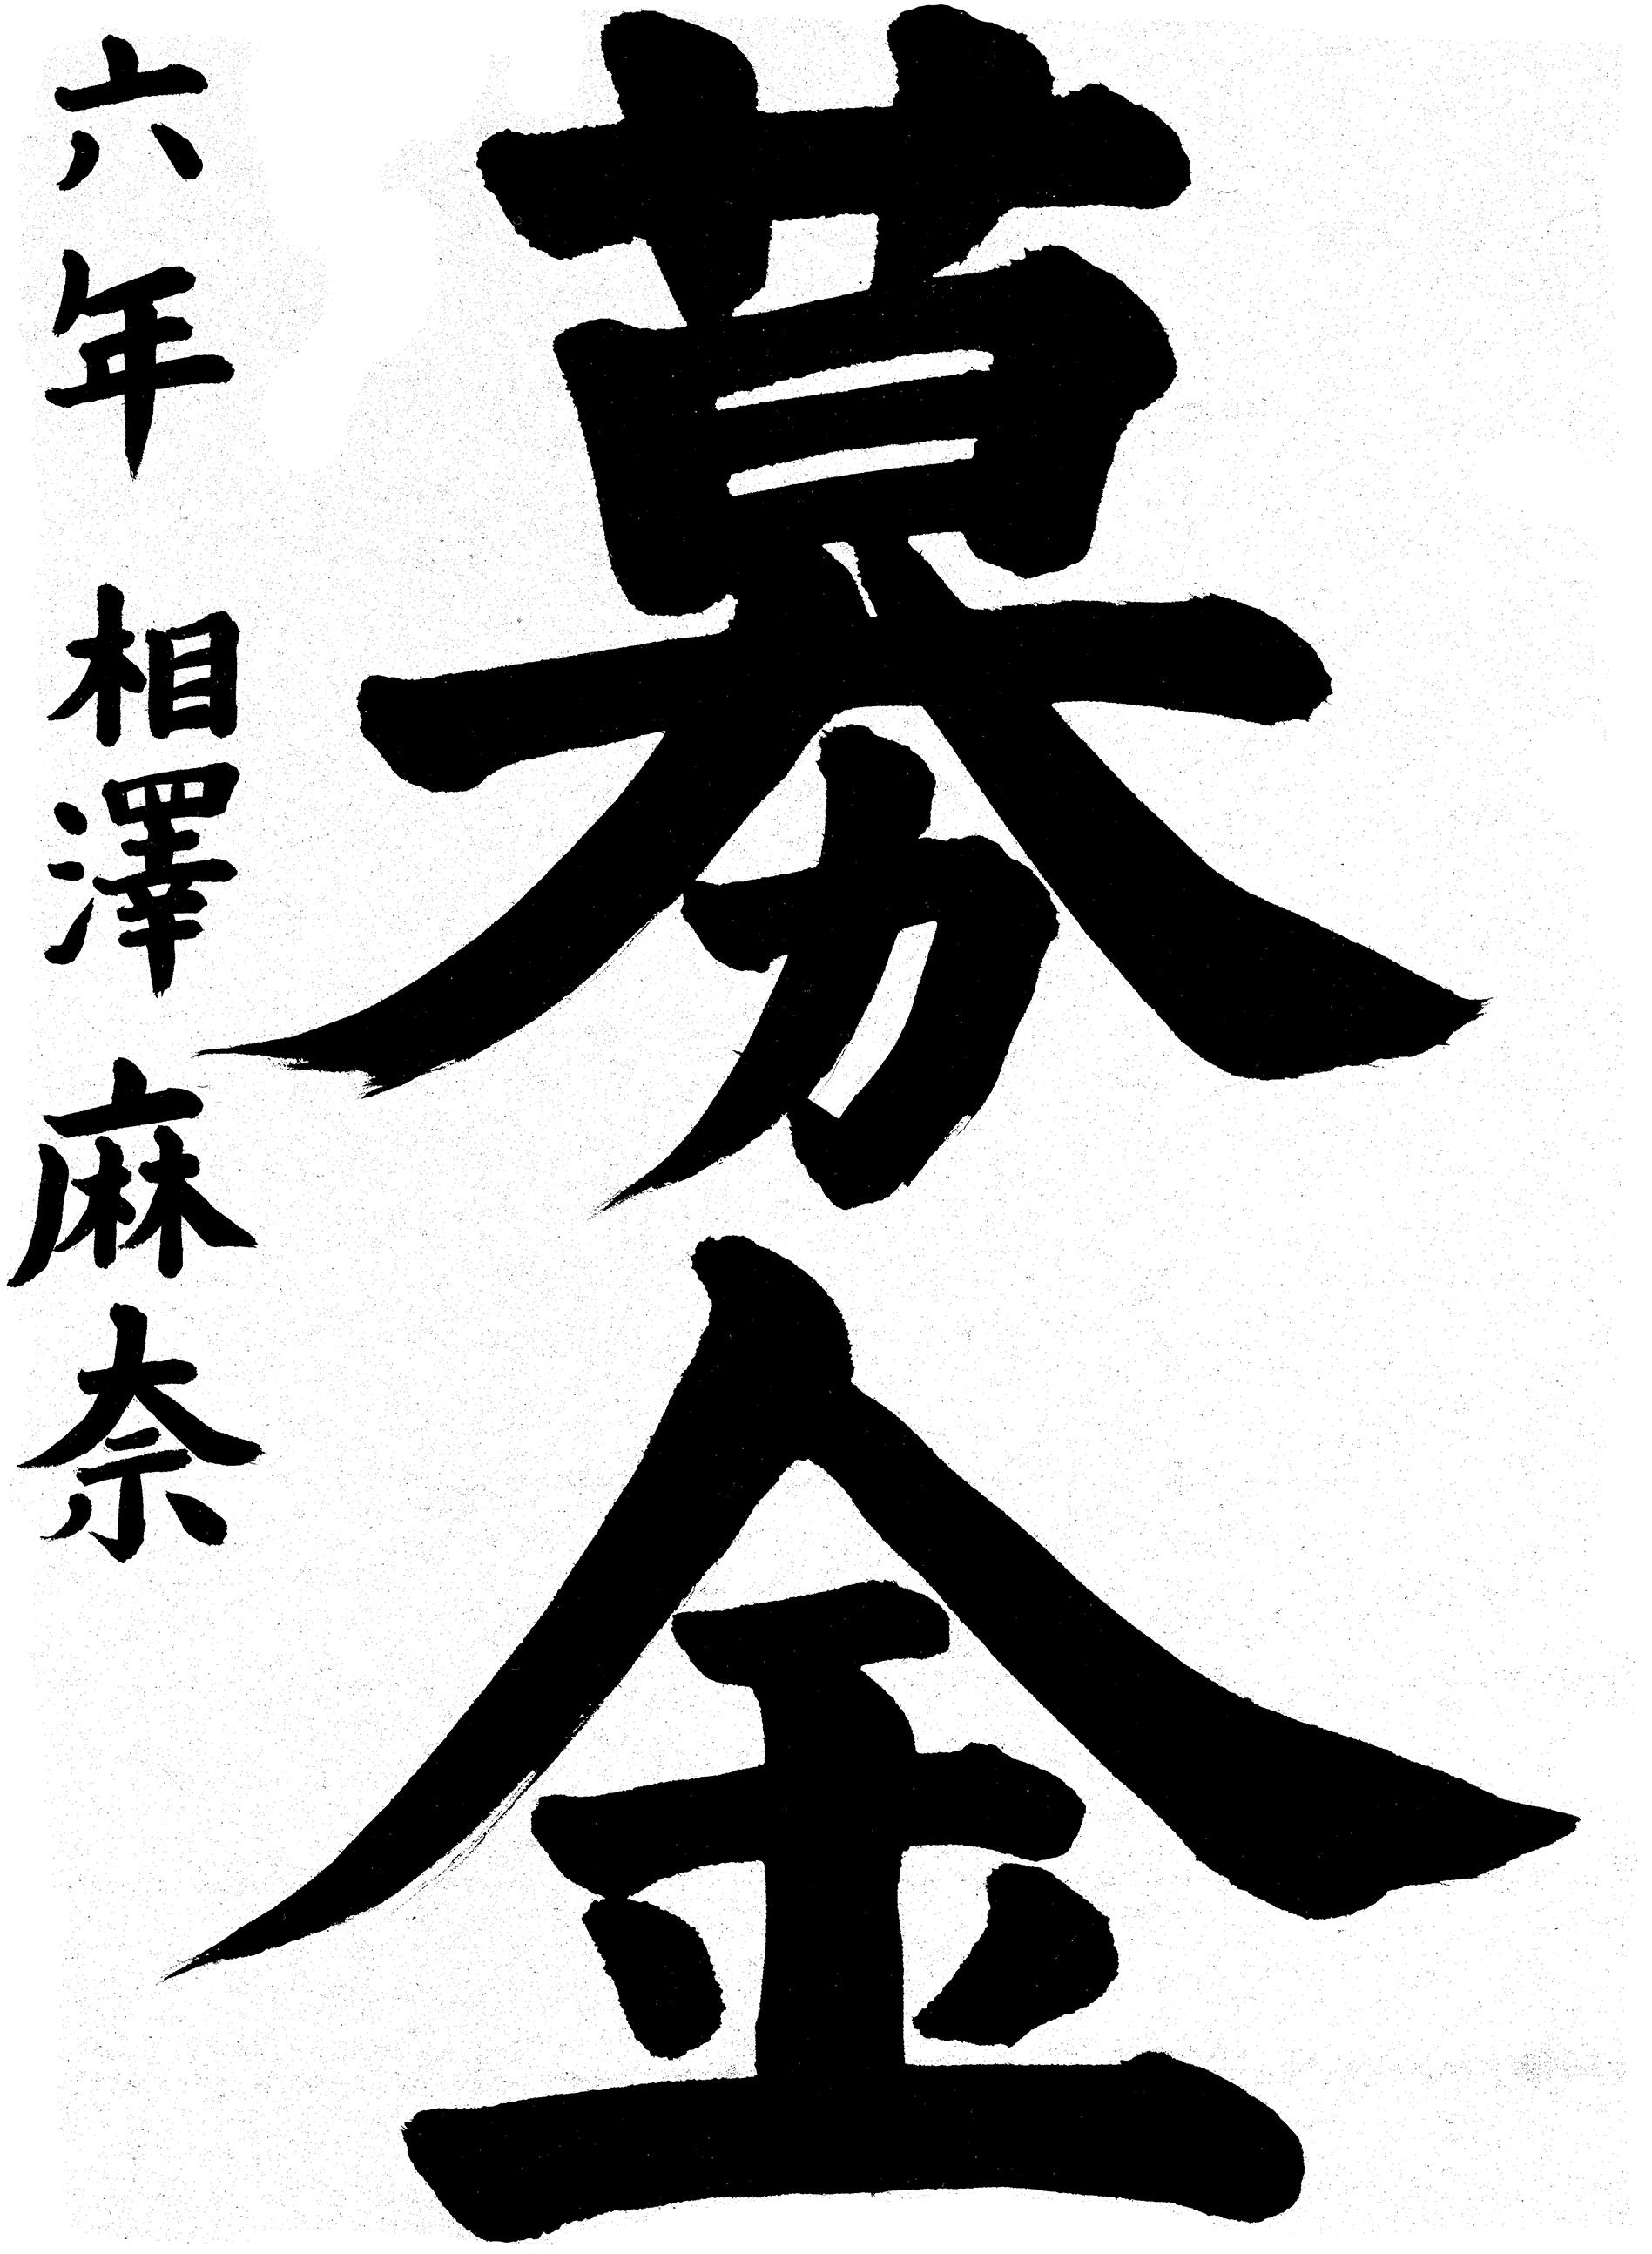 平成27年度「おおさき福祉の心コンクール」入選者並びに作品のご紹介(地域事業課)